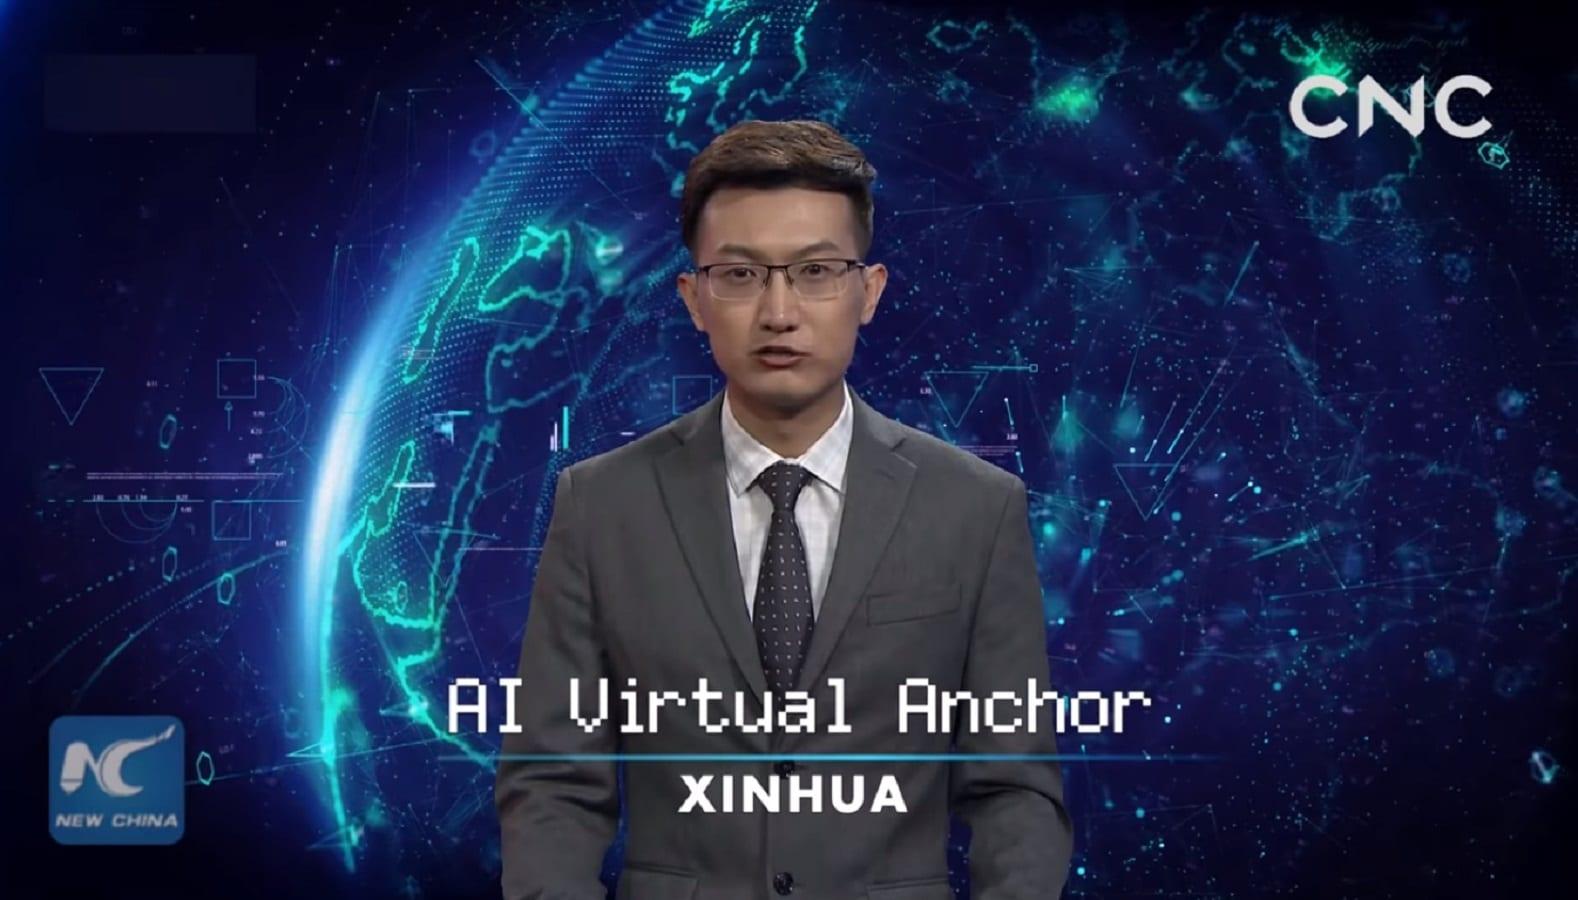 ai news anchor china